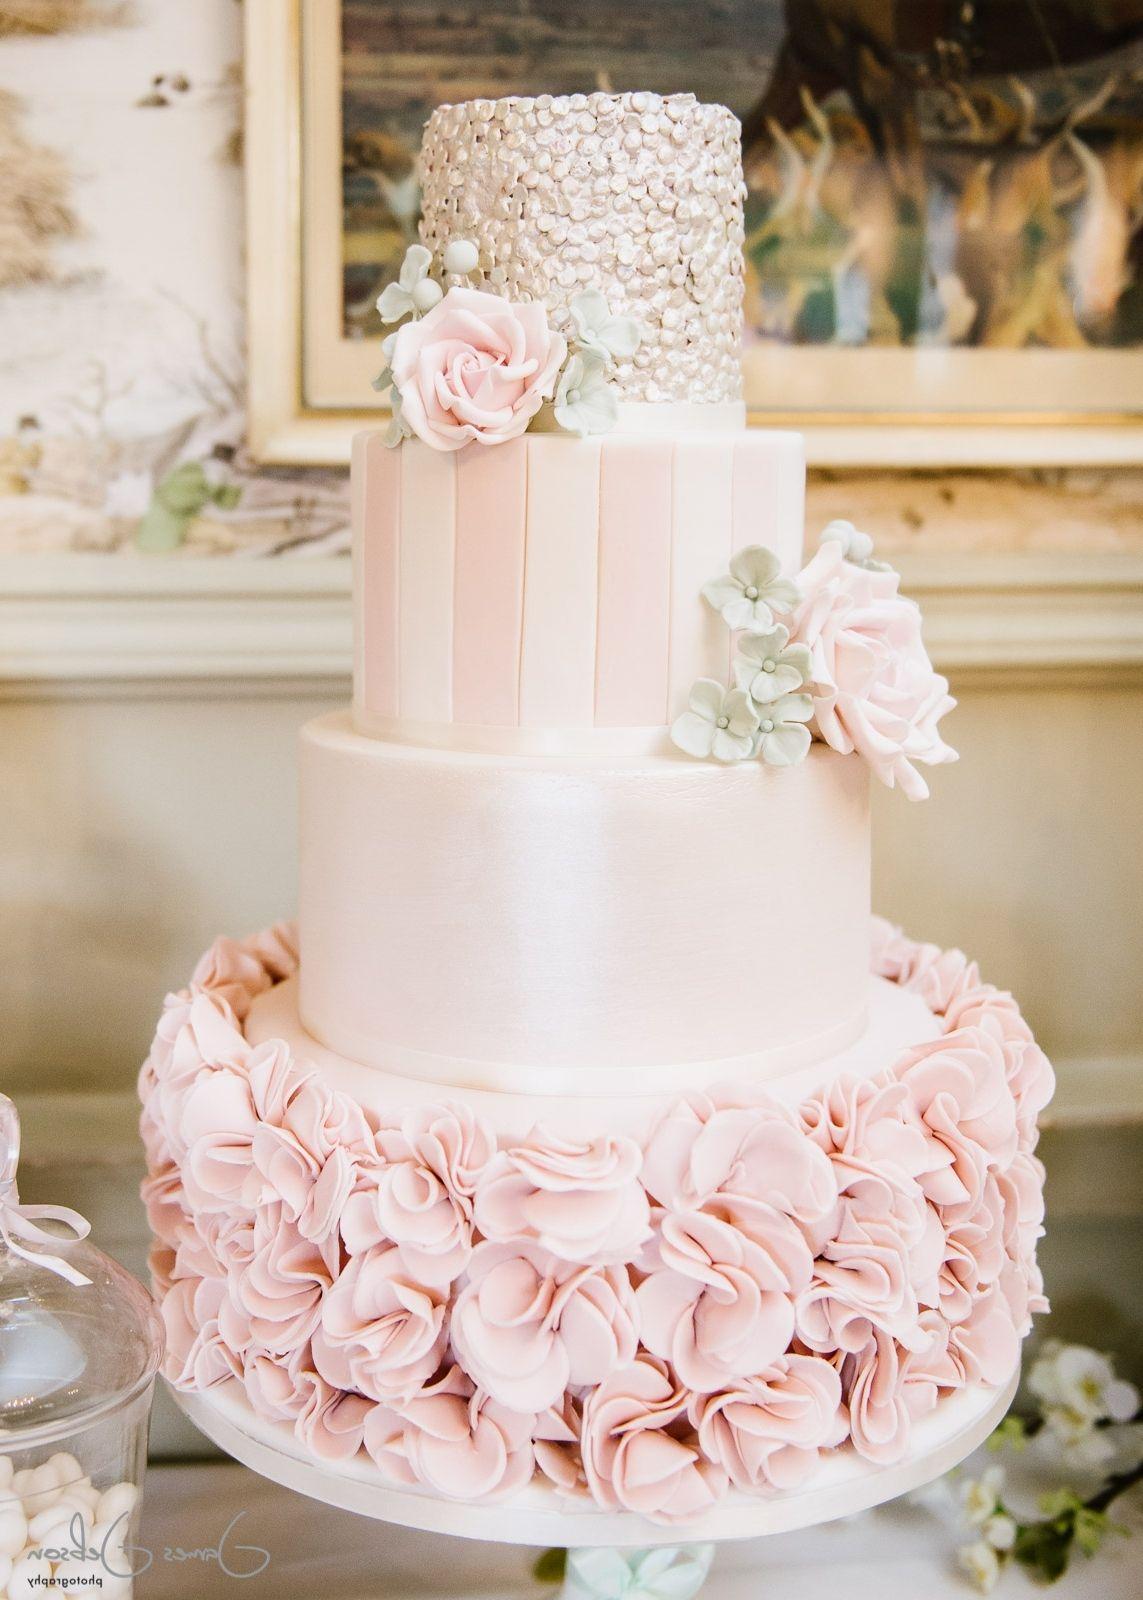 Bespoke Wedding Cakes North West